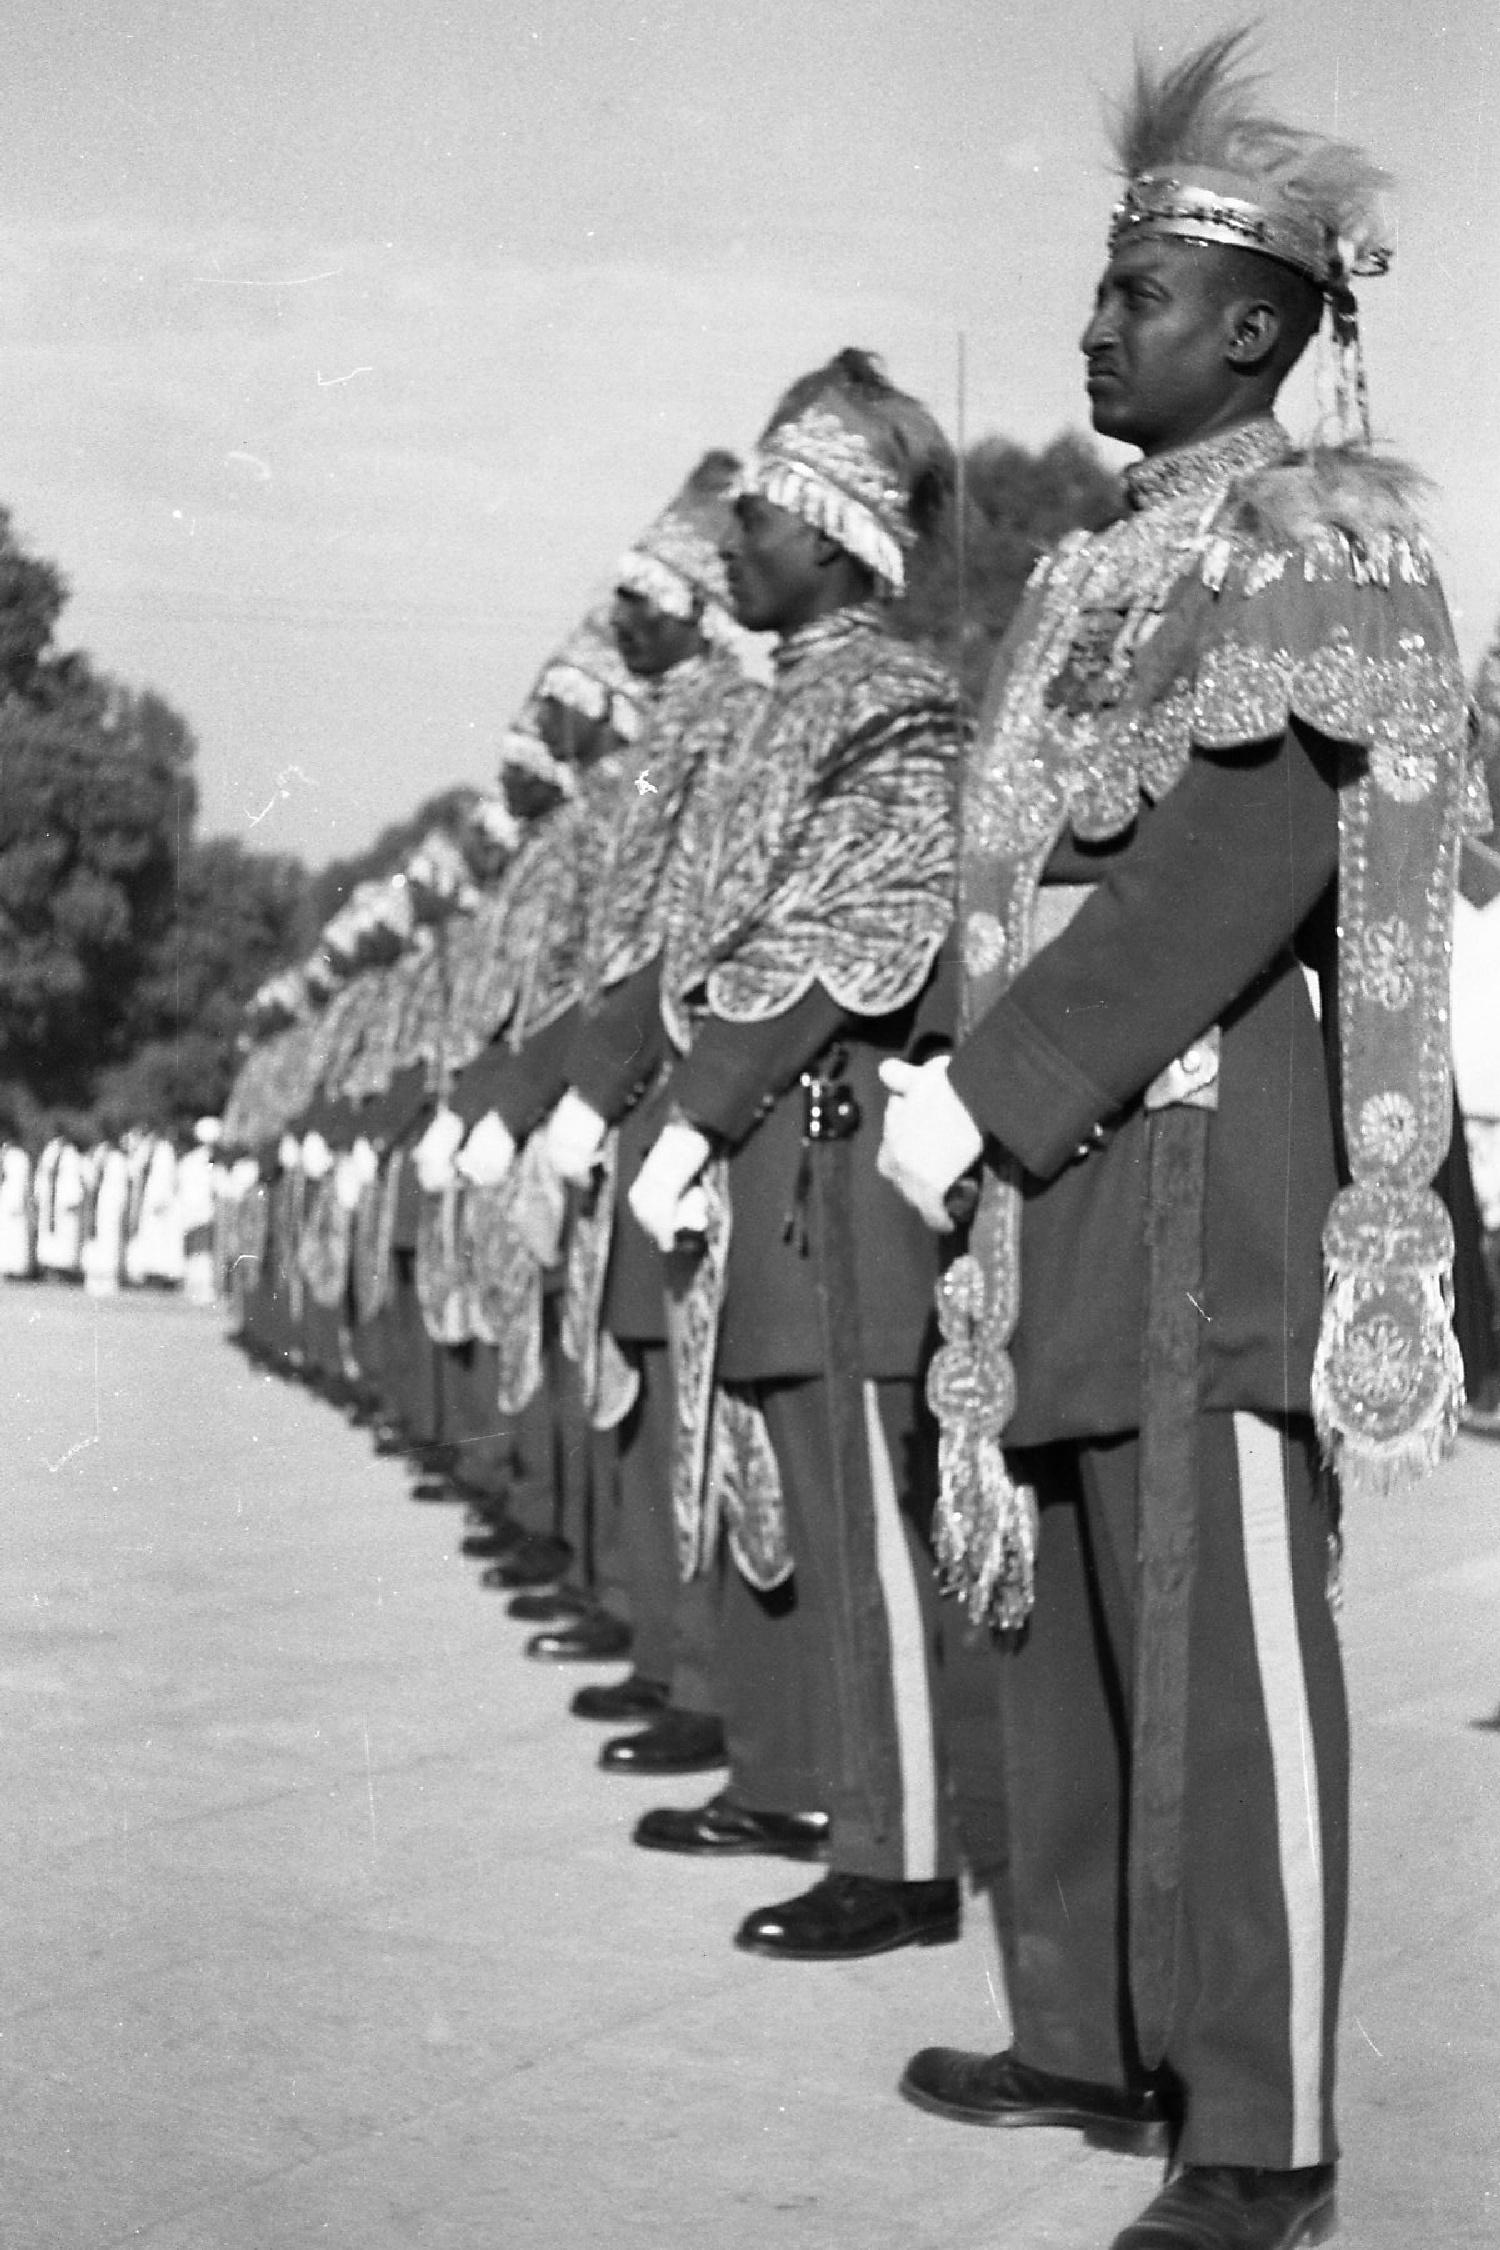 Die kaiserliche Garde während des Silberjubiläums von Otto Bieber 1906 - 1988